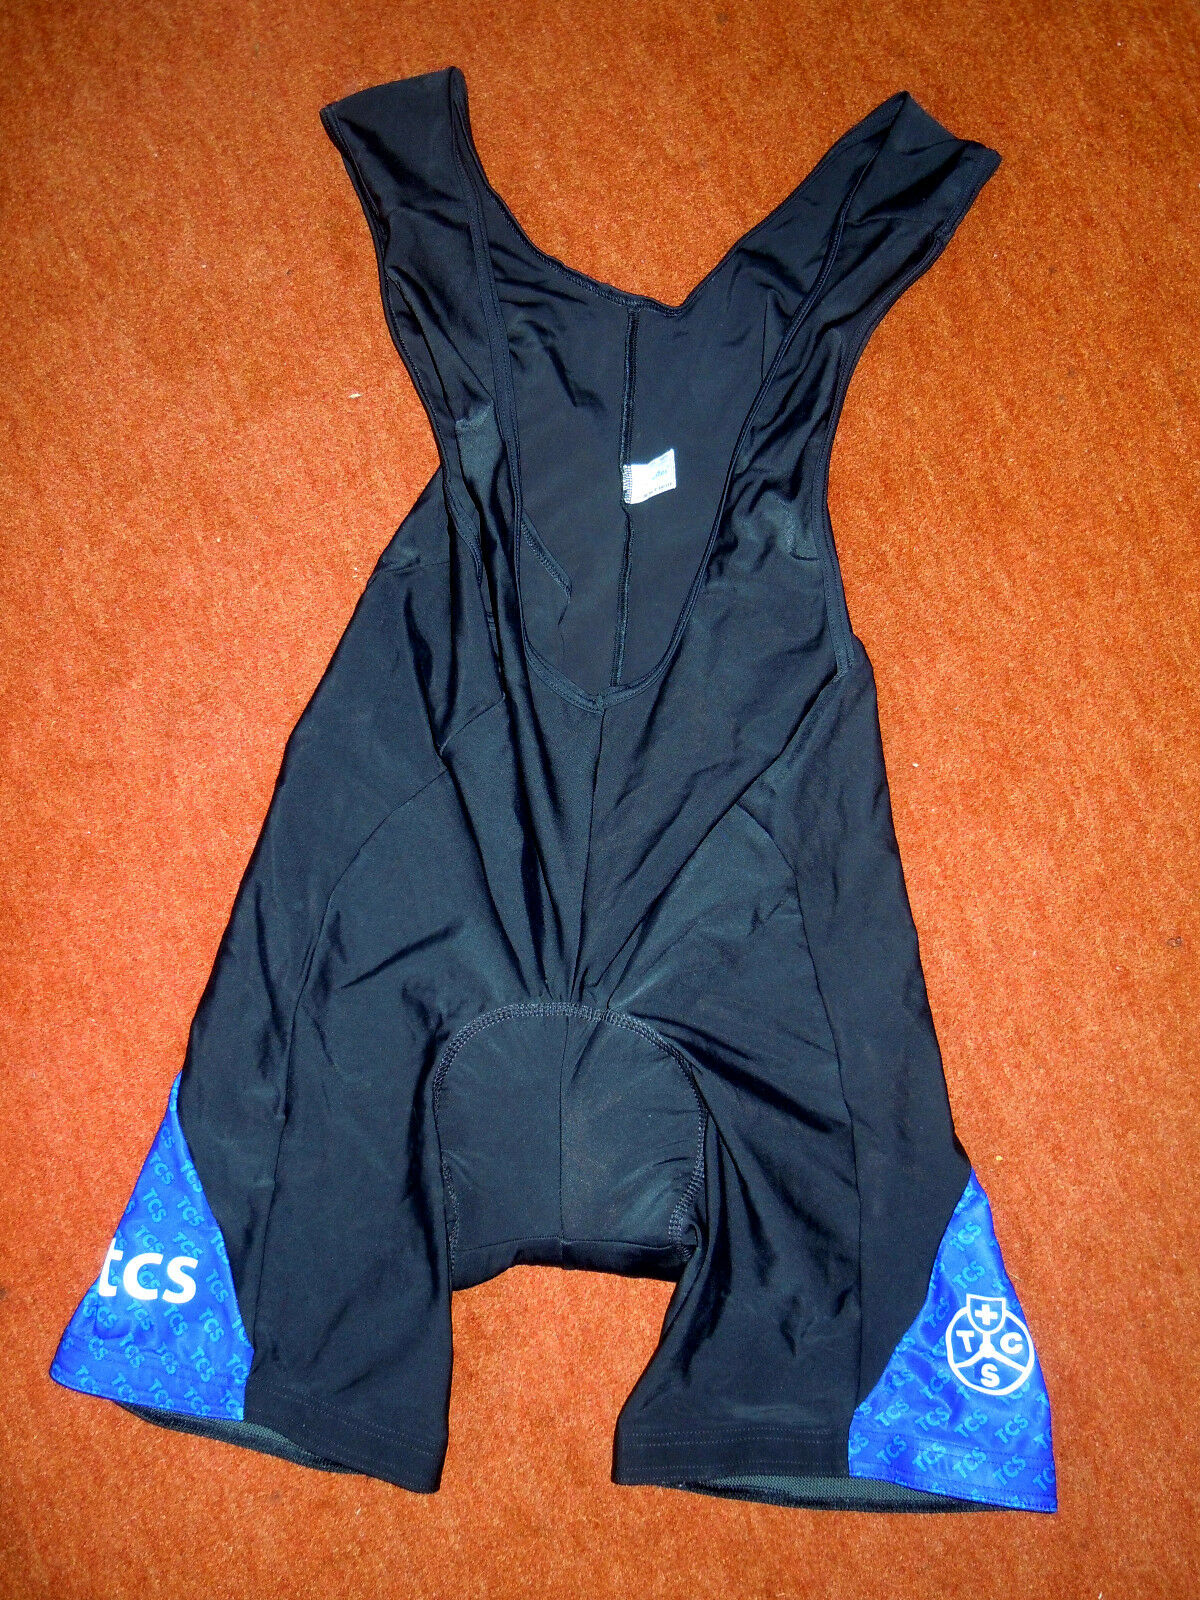 Super Radsporthose Suit Suit Suit Tight Gr.XL - TCS Touring Club Schweiz  - Top Design b497e0